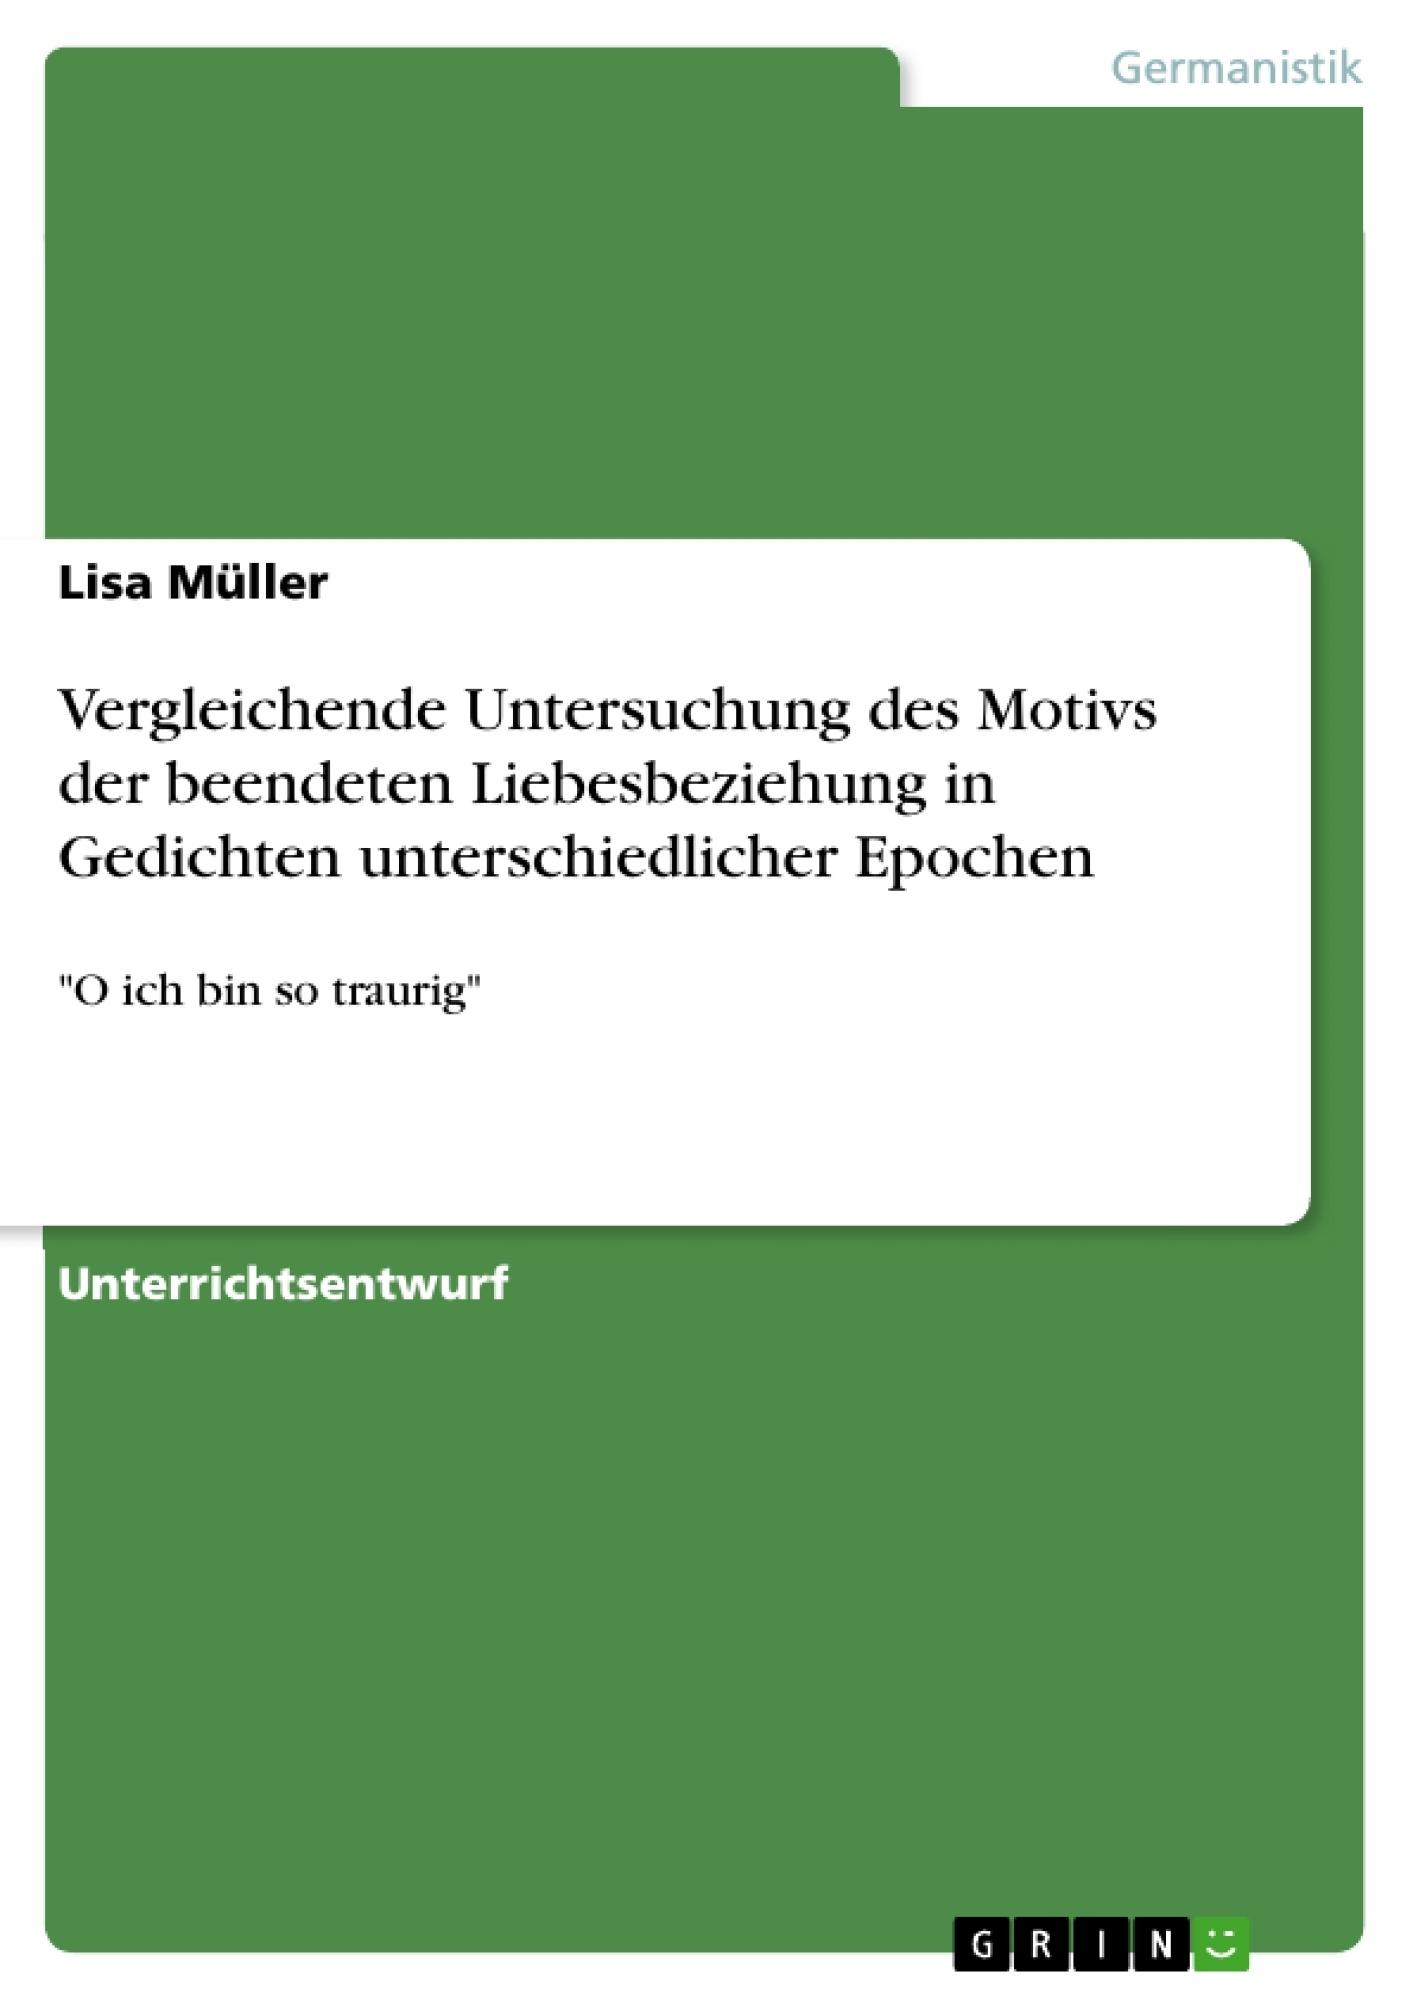 Titel: Vergleichende Untersuchung des Motivs der beendeten Liebesbeziehung in Gedichten unterschiedlicher Epochen